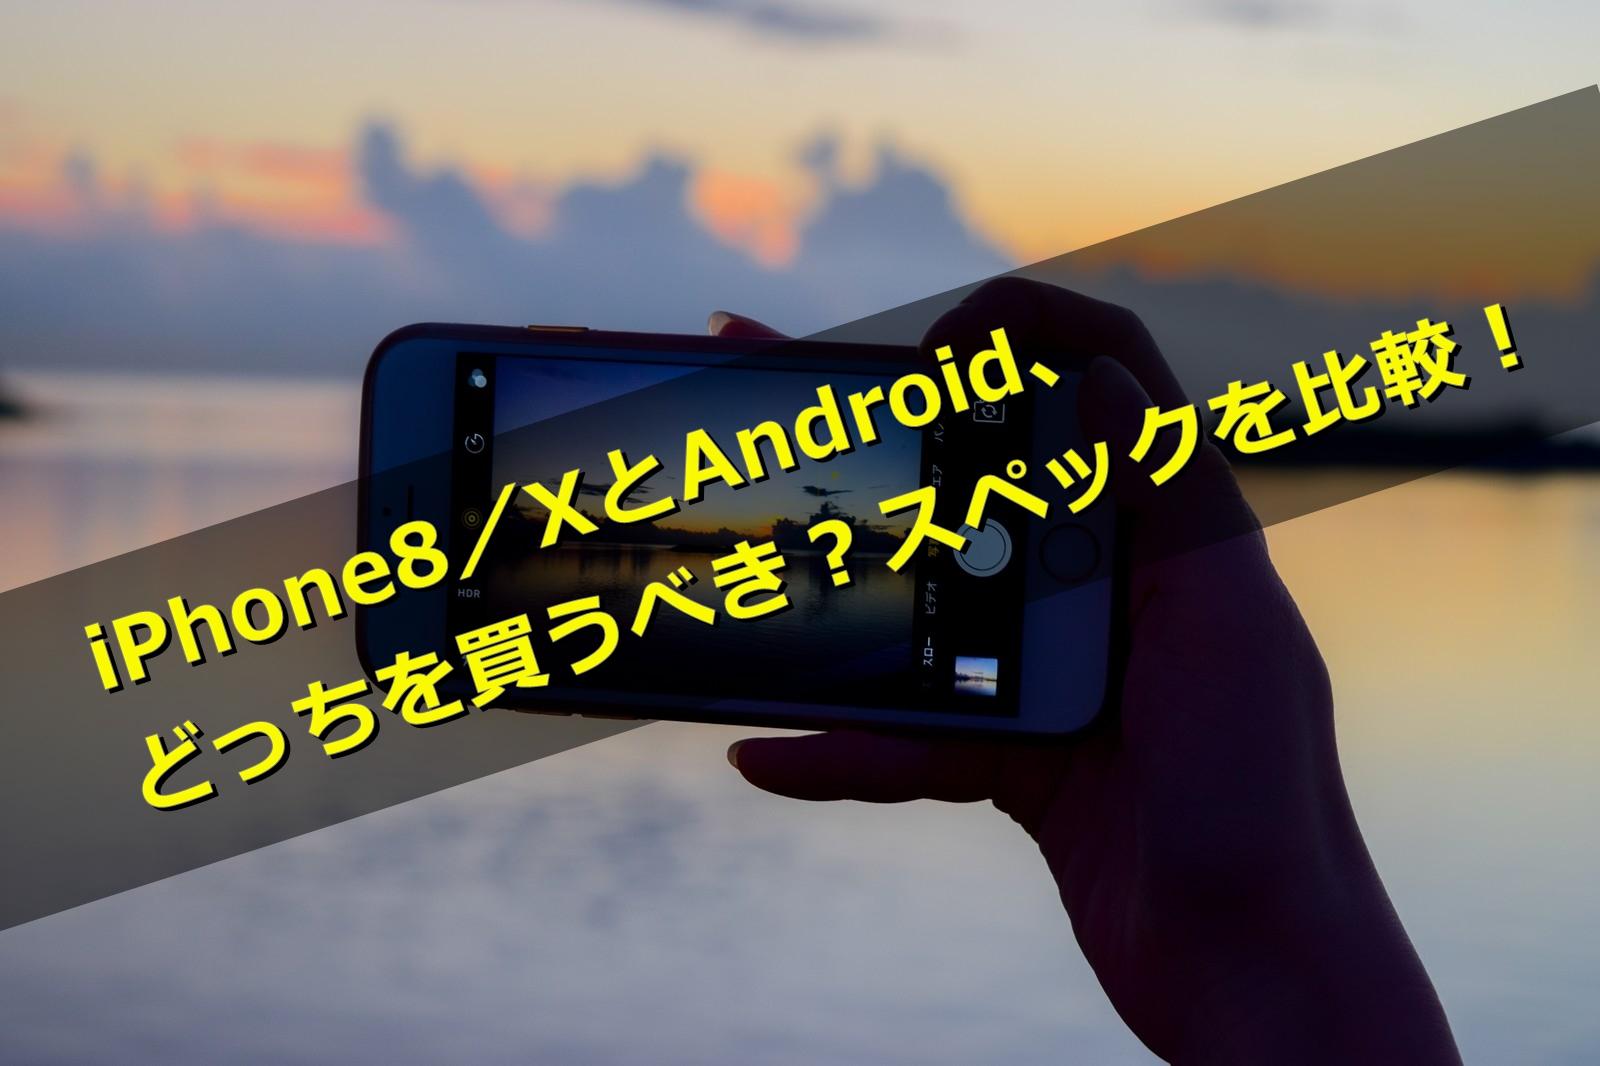 iPhone8/XとAndroid、どっちを買うべき?スペックを比較!